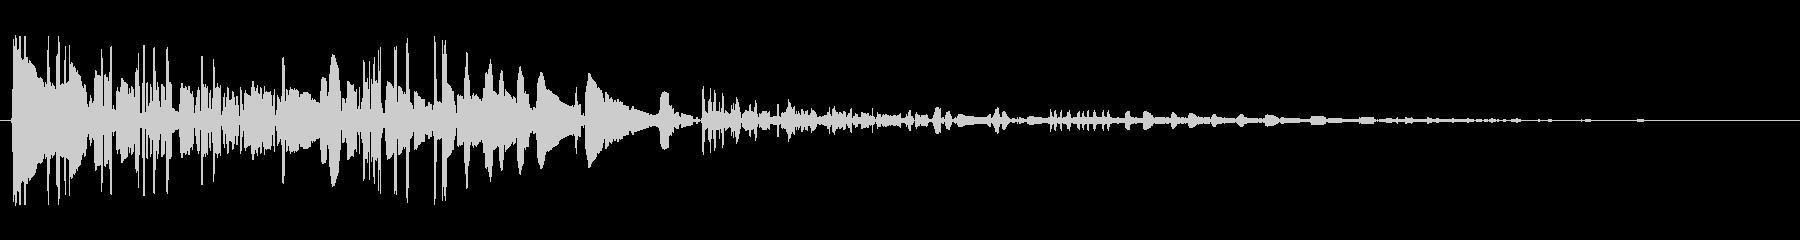 ドサッ(落下や倒れる衝撃音)05の未再生の波形